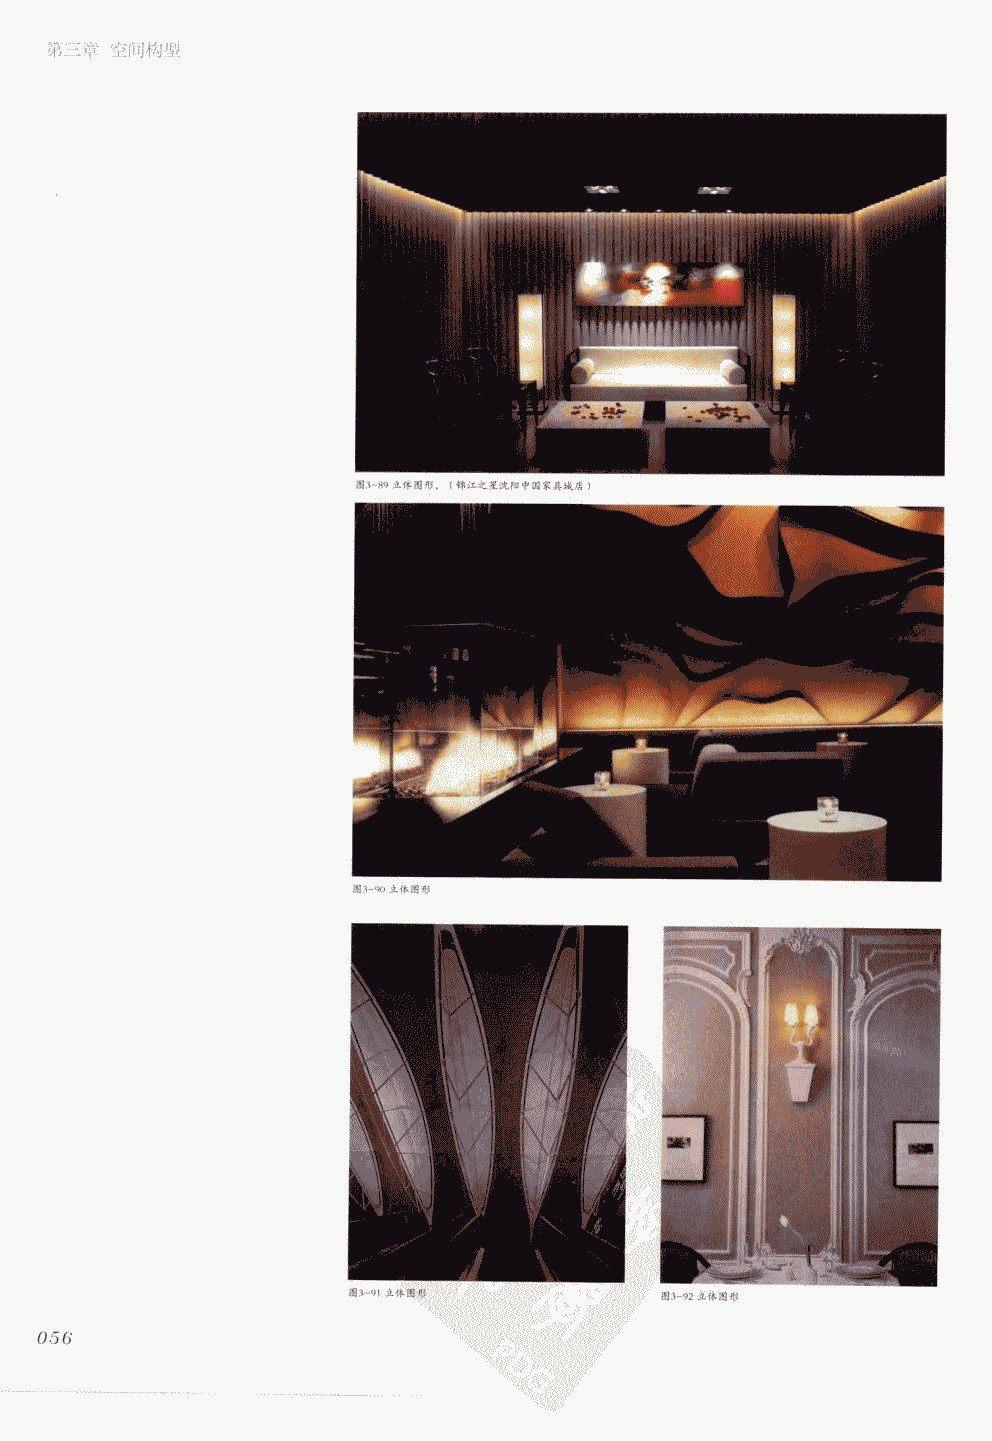 室内设计纲要++概念思考与过程表达_室内设计纲要  概念思考与过程表达_1297982..._页面_064.jpg